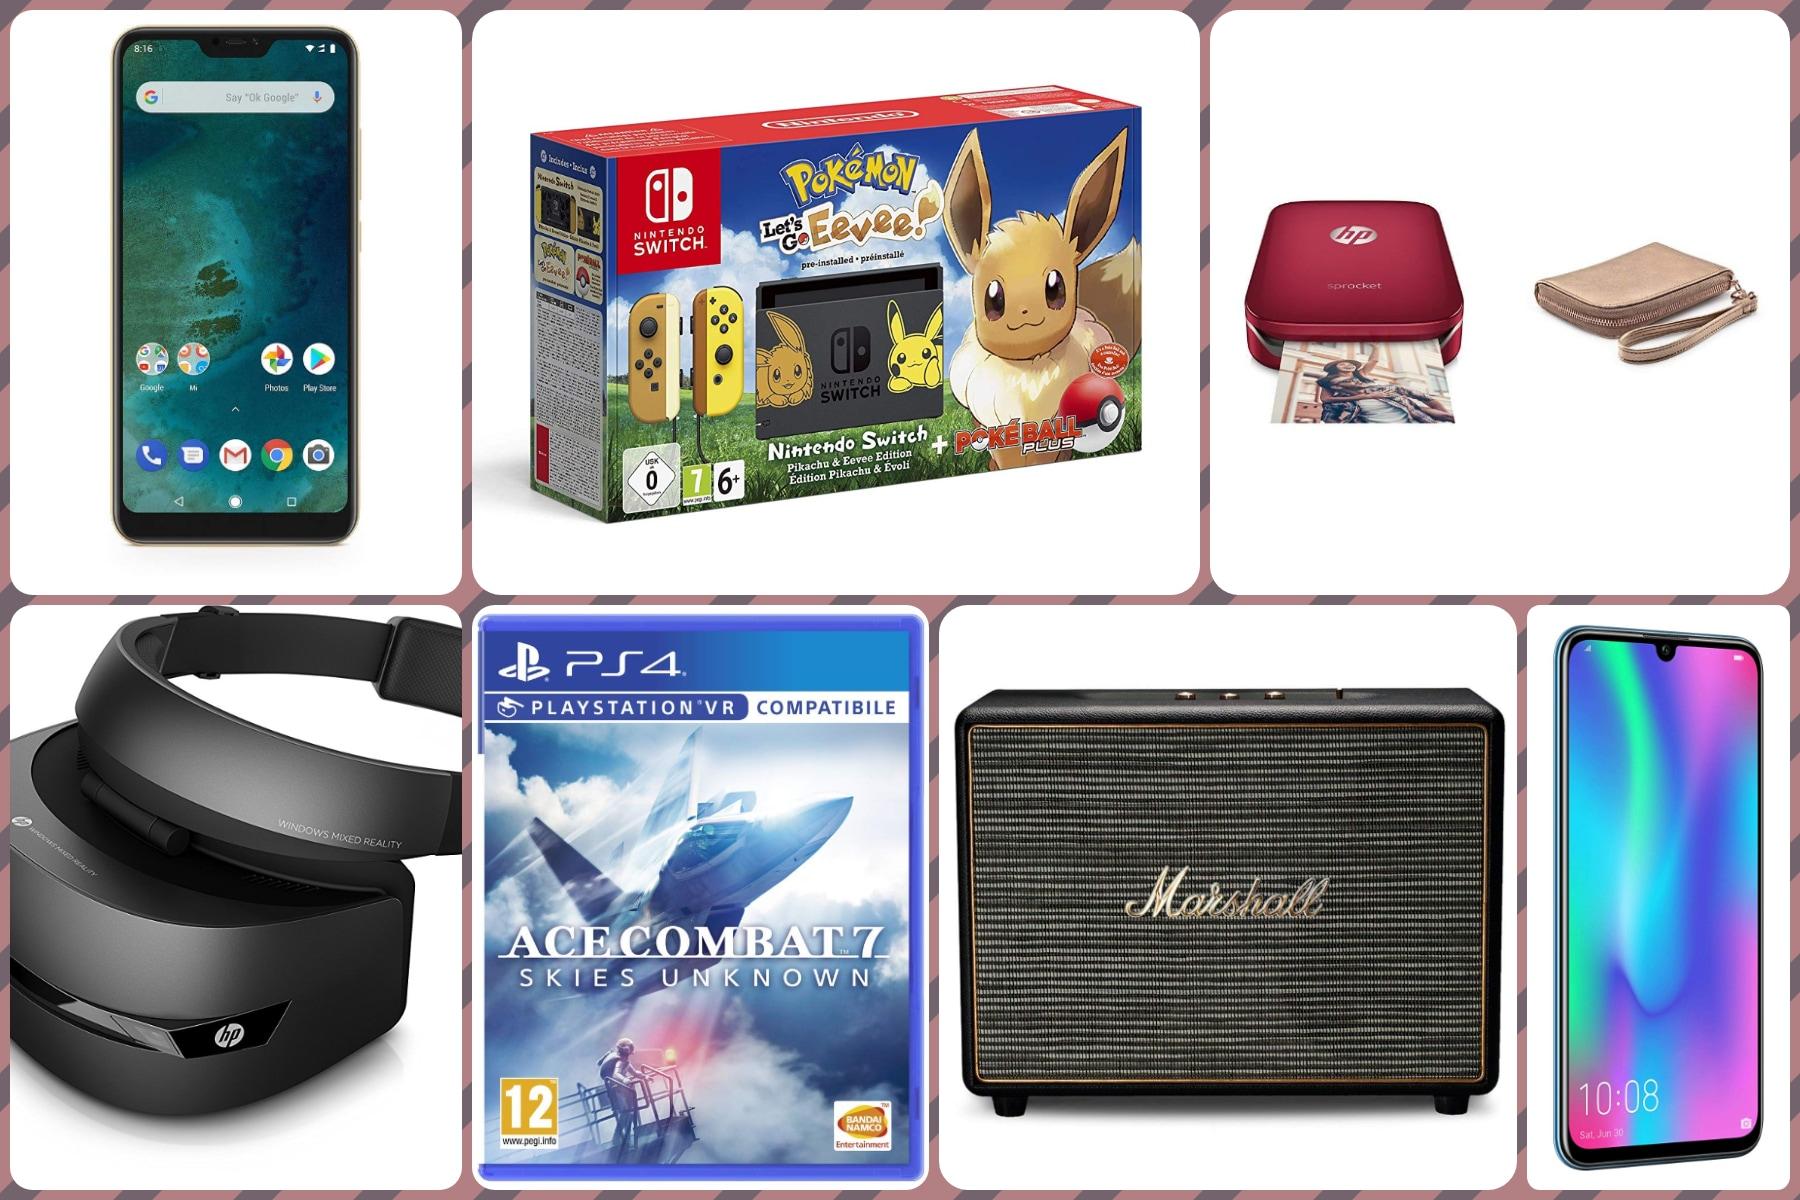 Offerte Amazon del giorno: smartphone Honor e Xiaomi, visore VR per PC, Ace Combat 7 e tanto altro - image Migliori-offerte-Amazon-22-gennaio-2019 on https://www.zxbyte.com